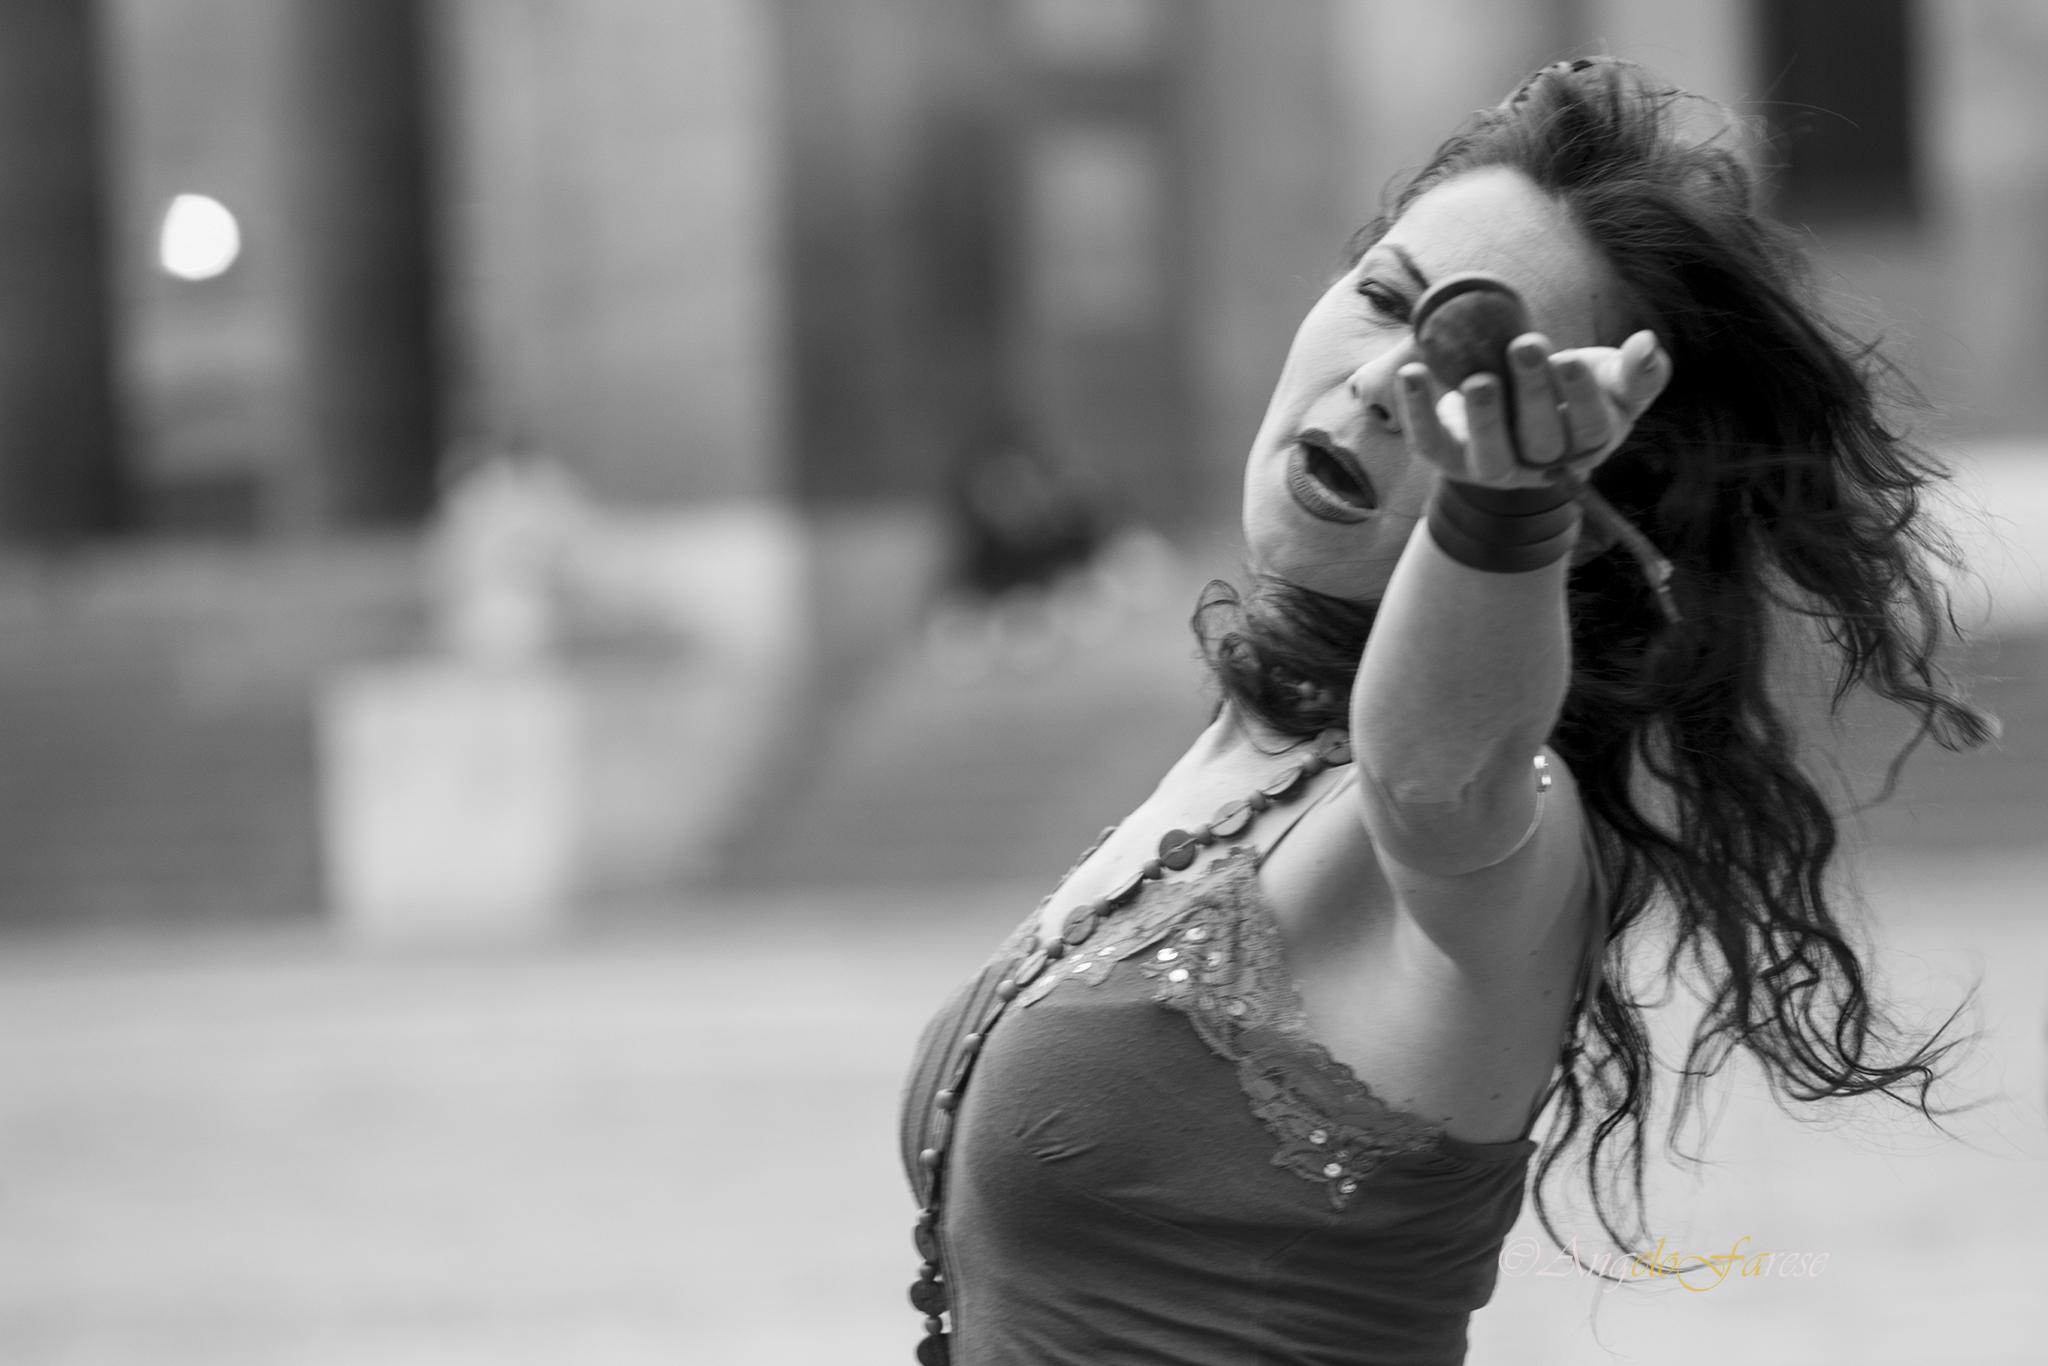 musica matrimonio, gruppo musicale matrimonio, musica popolare matrimonio, pizzica matrimonio, tarantella matrimonio, napoli, roma, torino, milano, benevento, avellino, puglia, lecce, calabria, cosenza, balli di gruppo, matrimonio, tammurriate, pizziche,